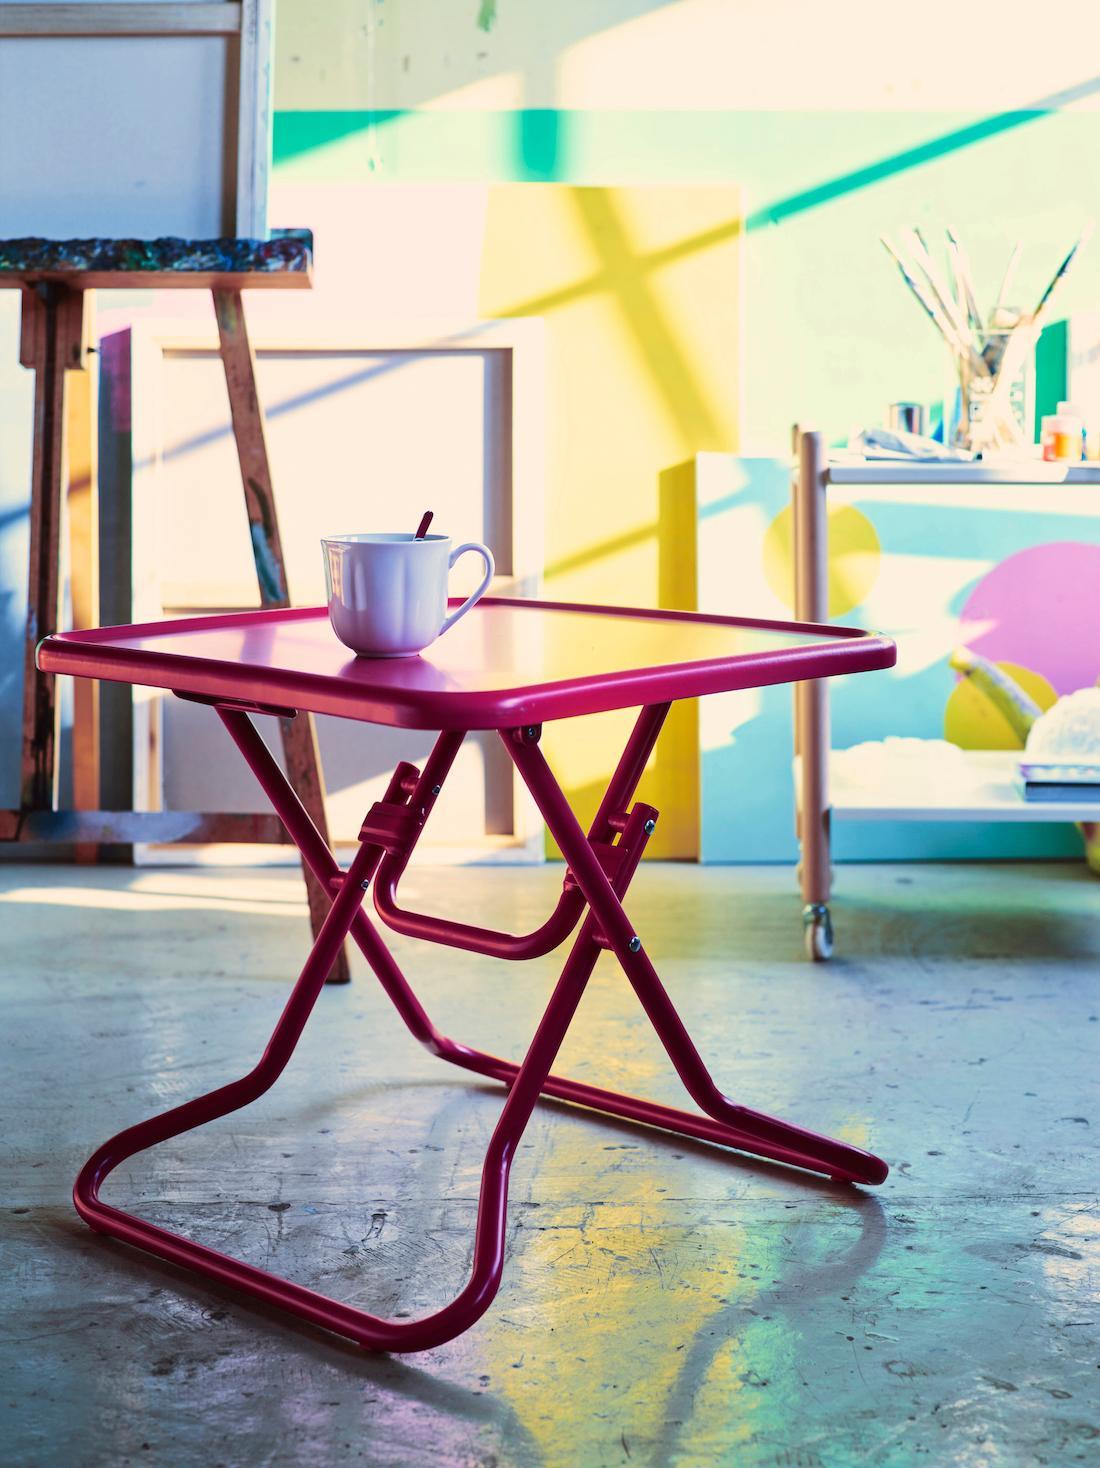 Klapptisch Aus Der IKEA PS 2017 Kollektion #ikea #klapptisch #tisch ©Inter